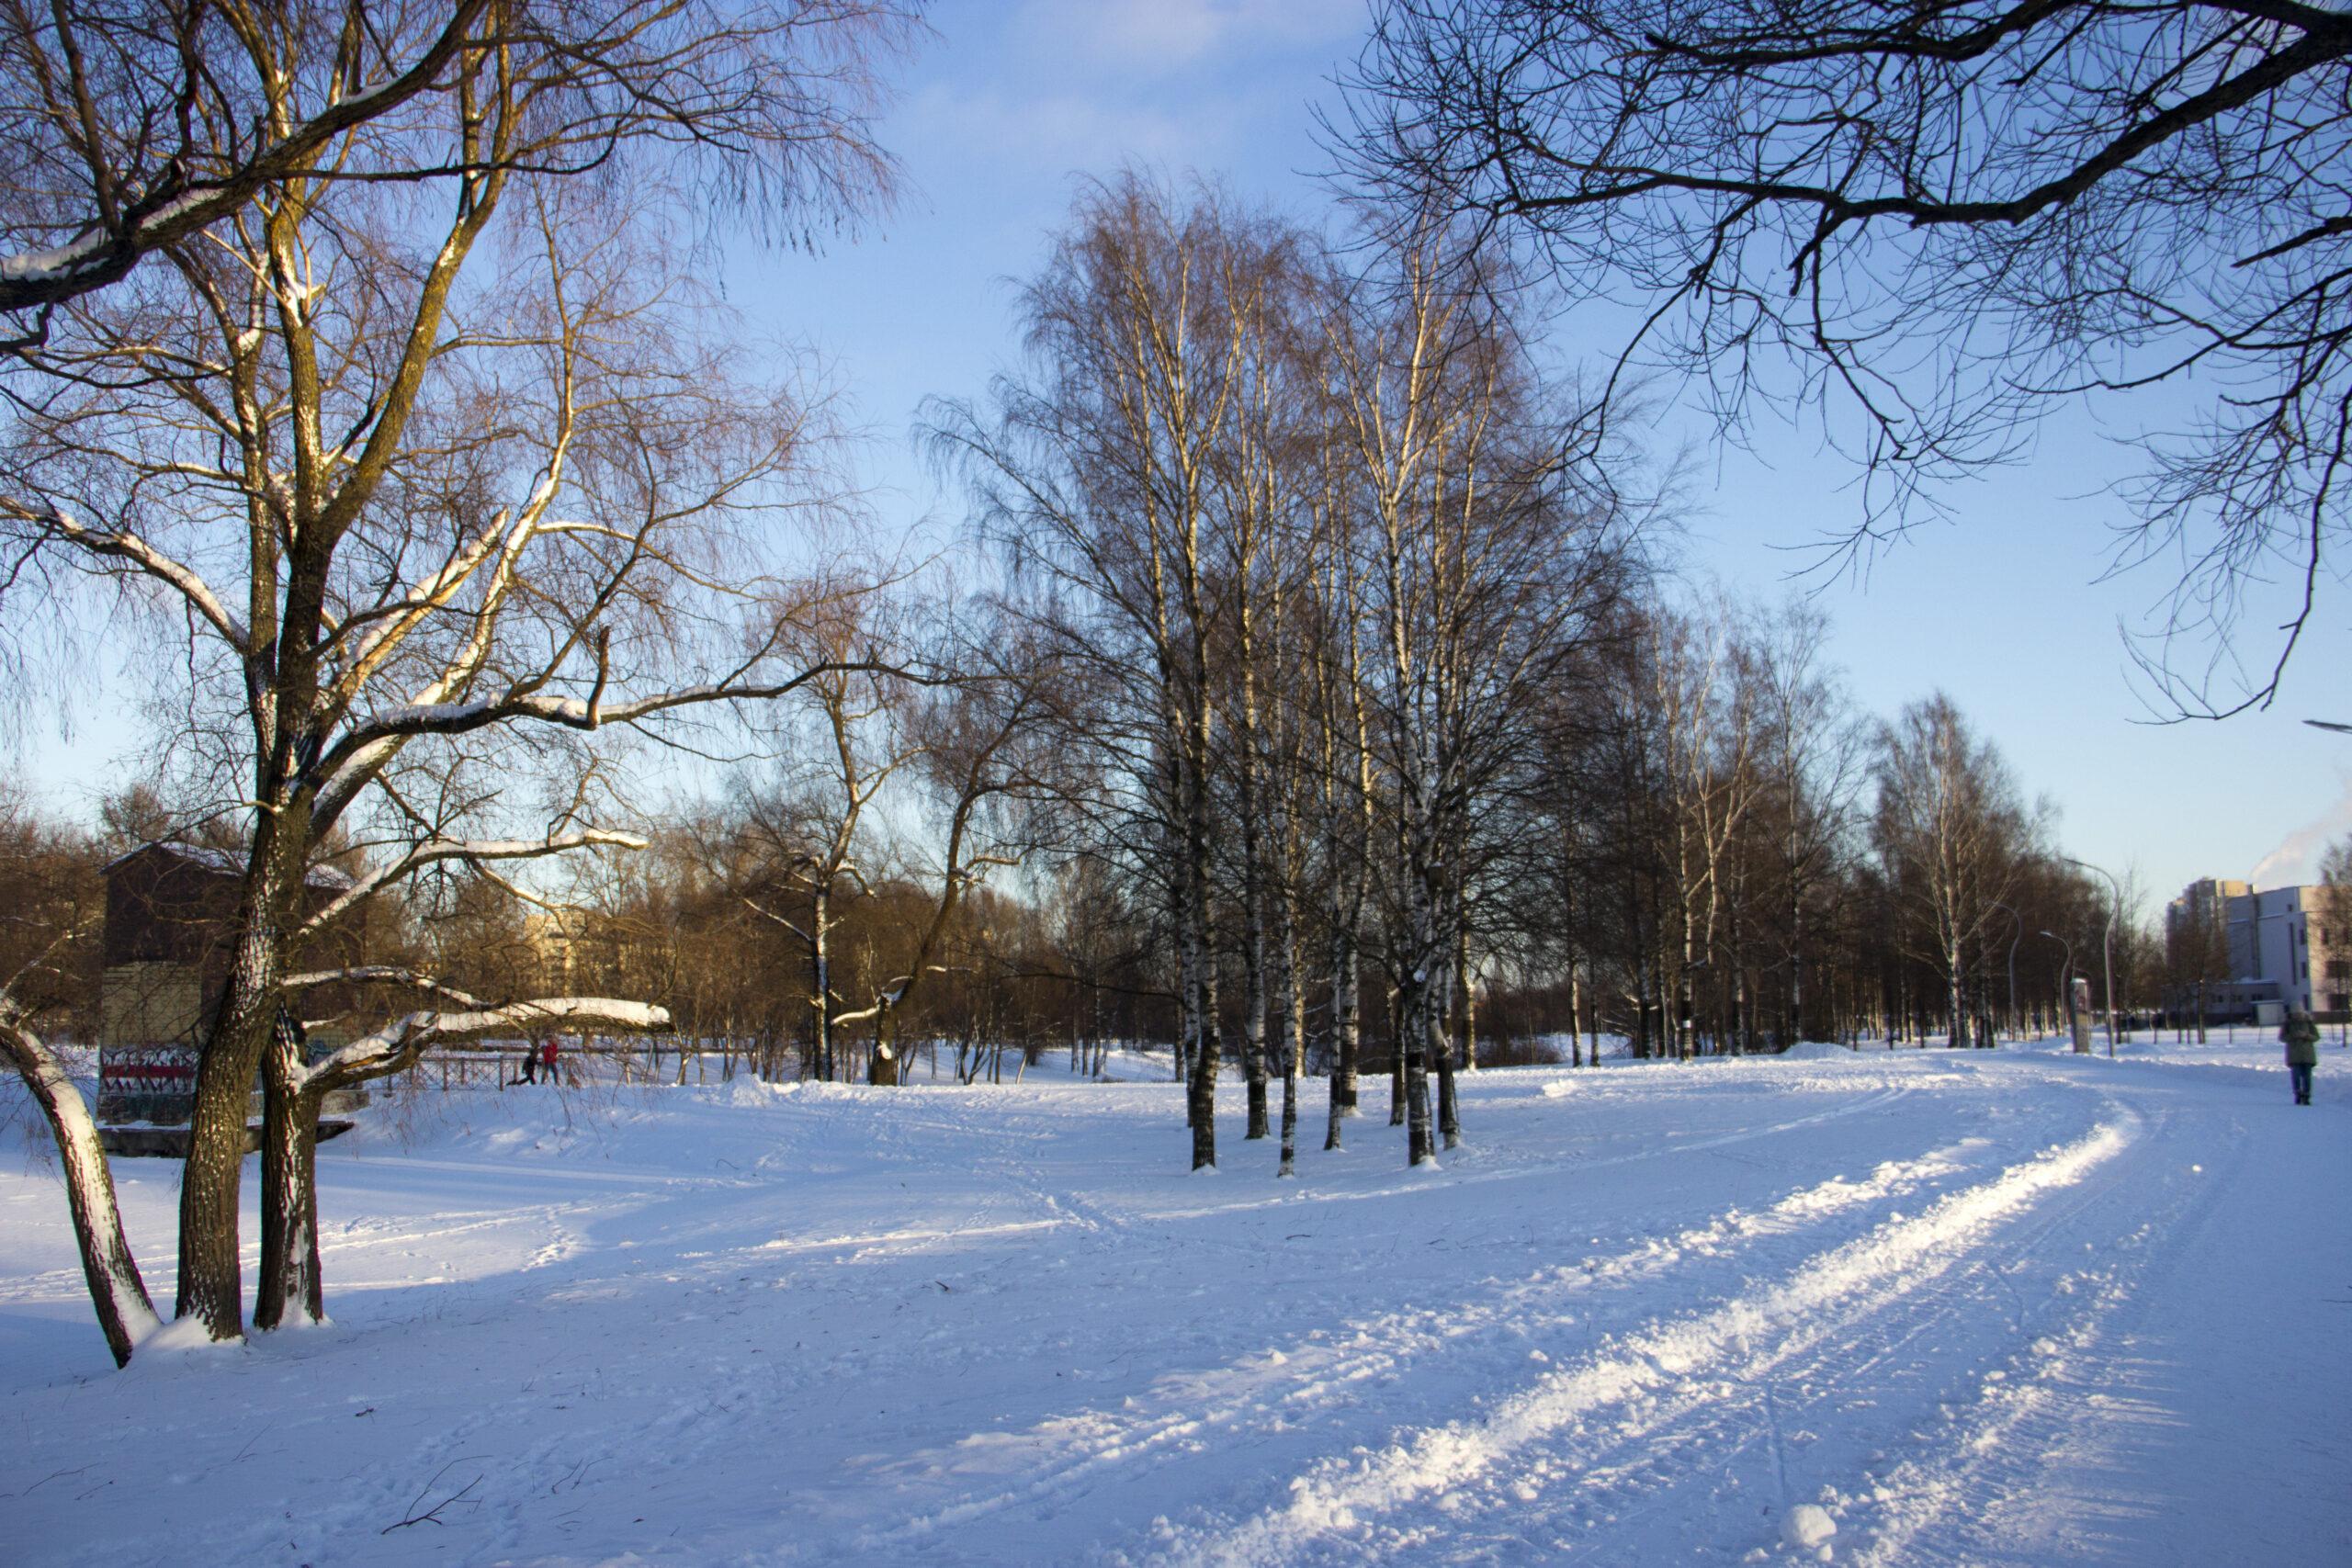 Муринский парк и Ржевский лесопарк в Санкт-Петербурге получат защиту от застройки